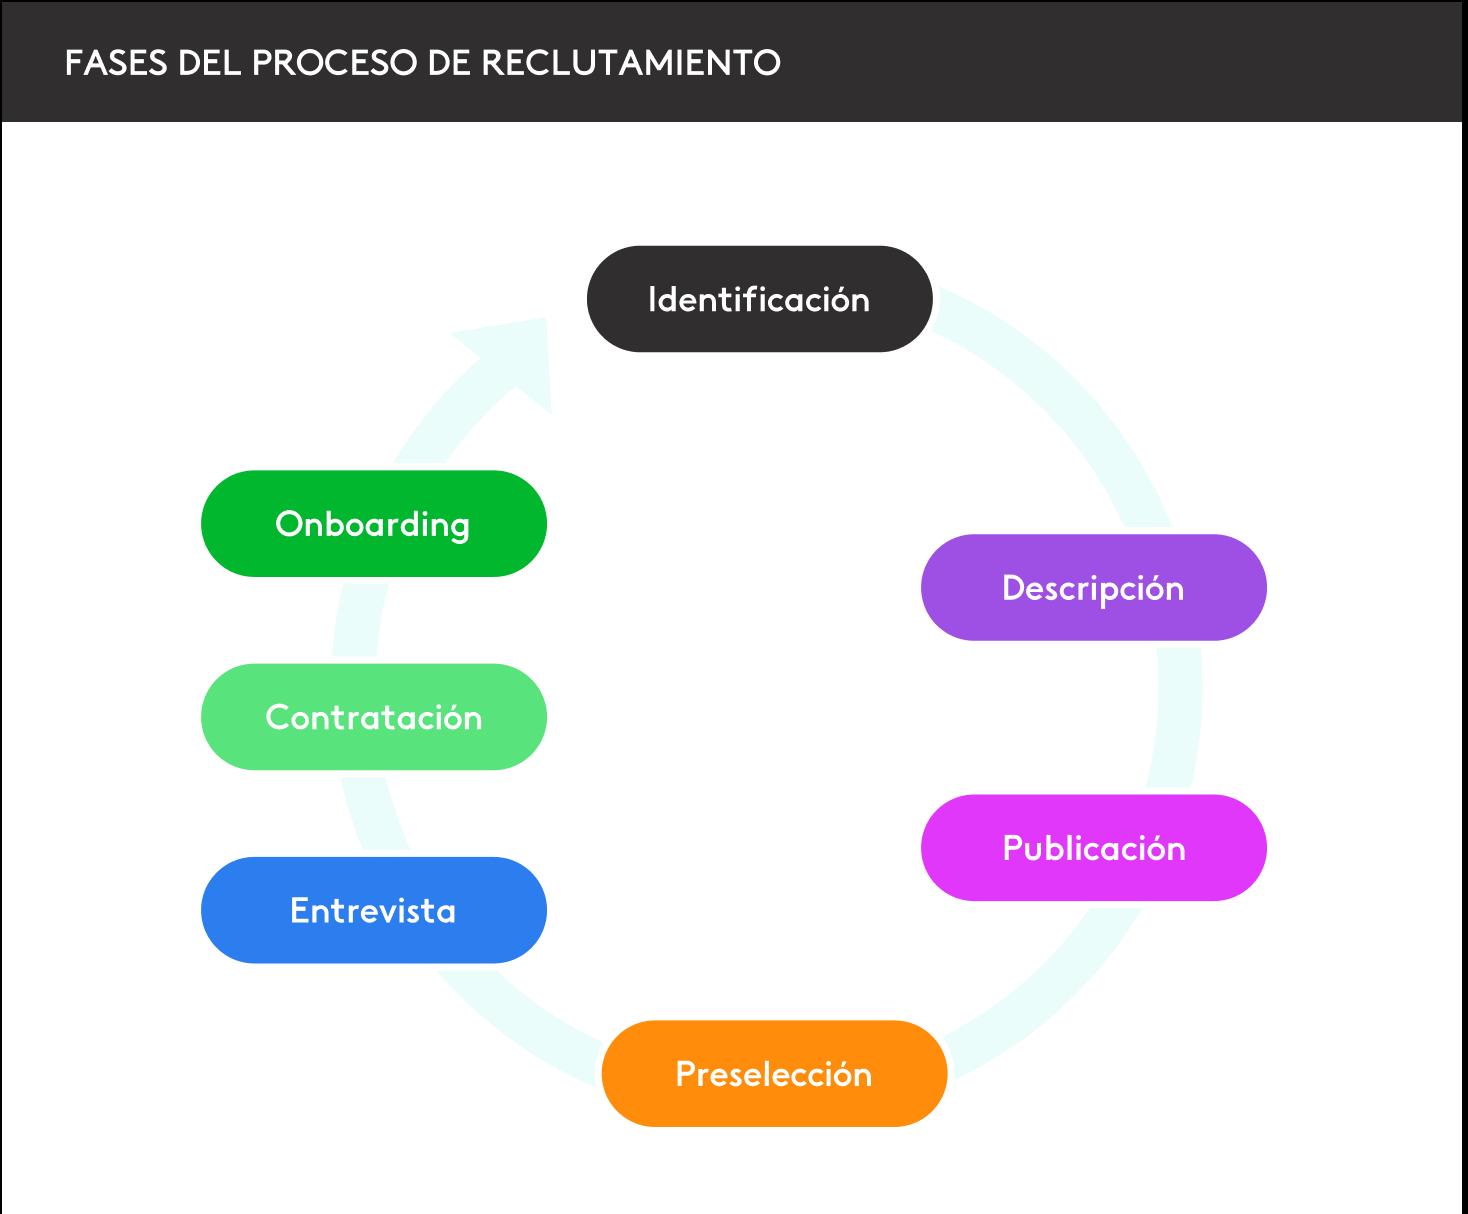 fases del proceso de selección de personal